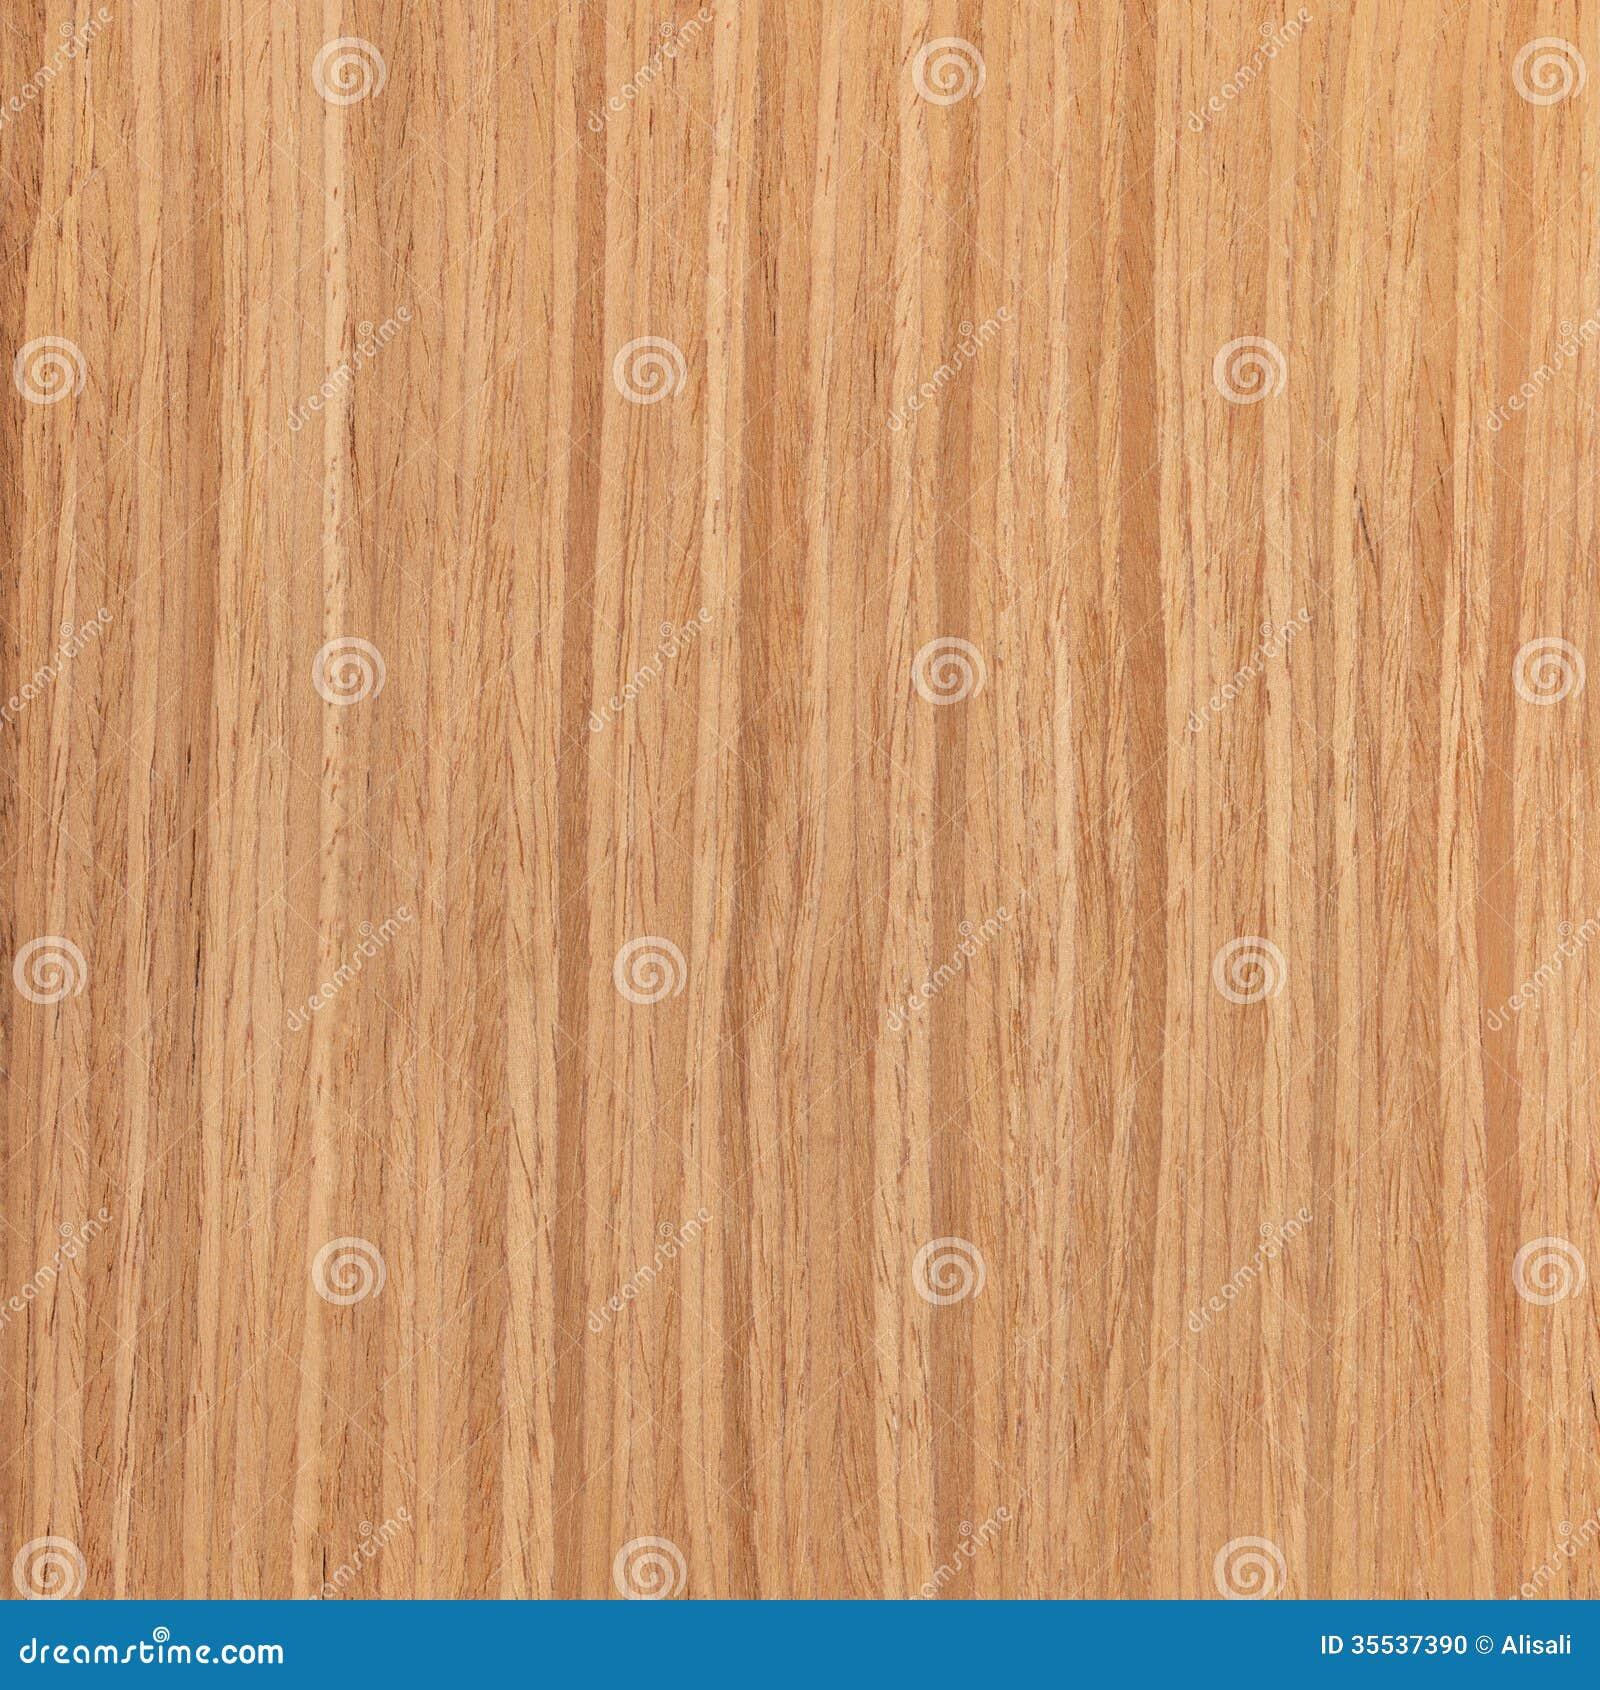 Oak Wood Grain Oak wooden texture, wood grain